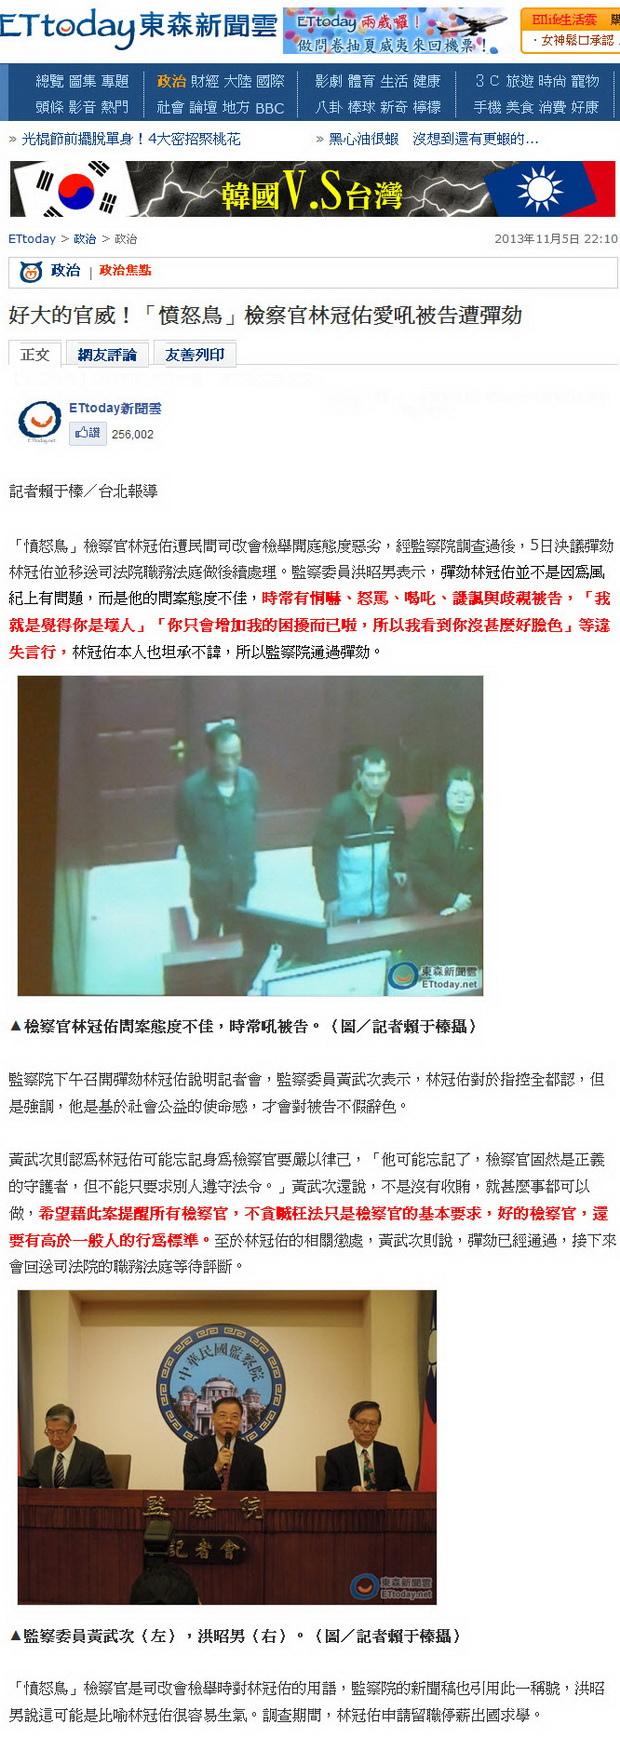 好大的官威!「憤怒鳥」檢察官林冠佑愛吼被告遭彈劾-2013.11.05.jpg